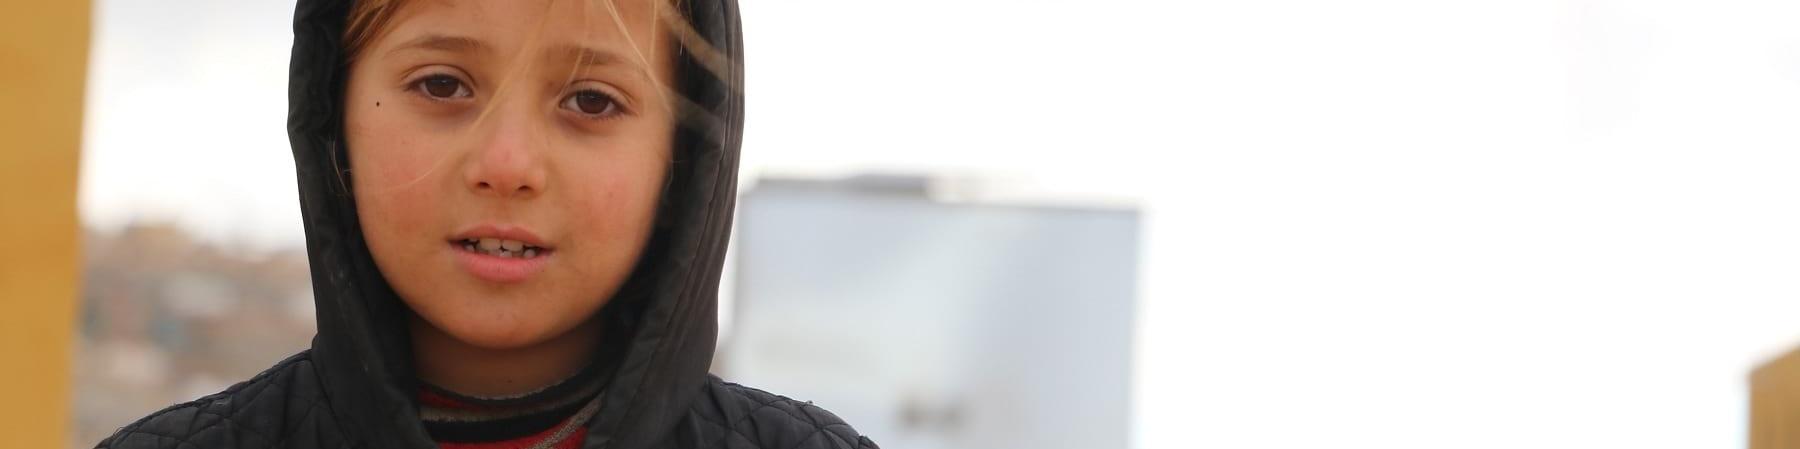 Mezzo busto di una bambina siriana bionda con una giacca nera e il cappuccio in testa.